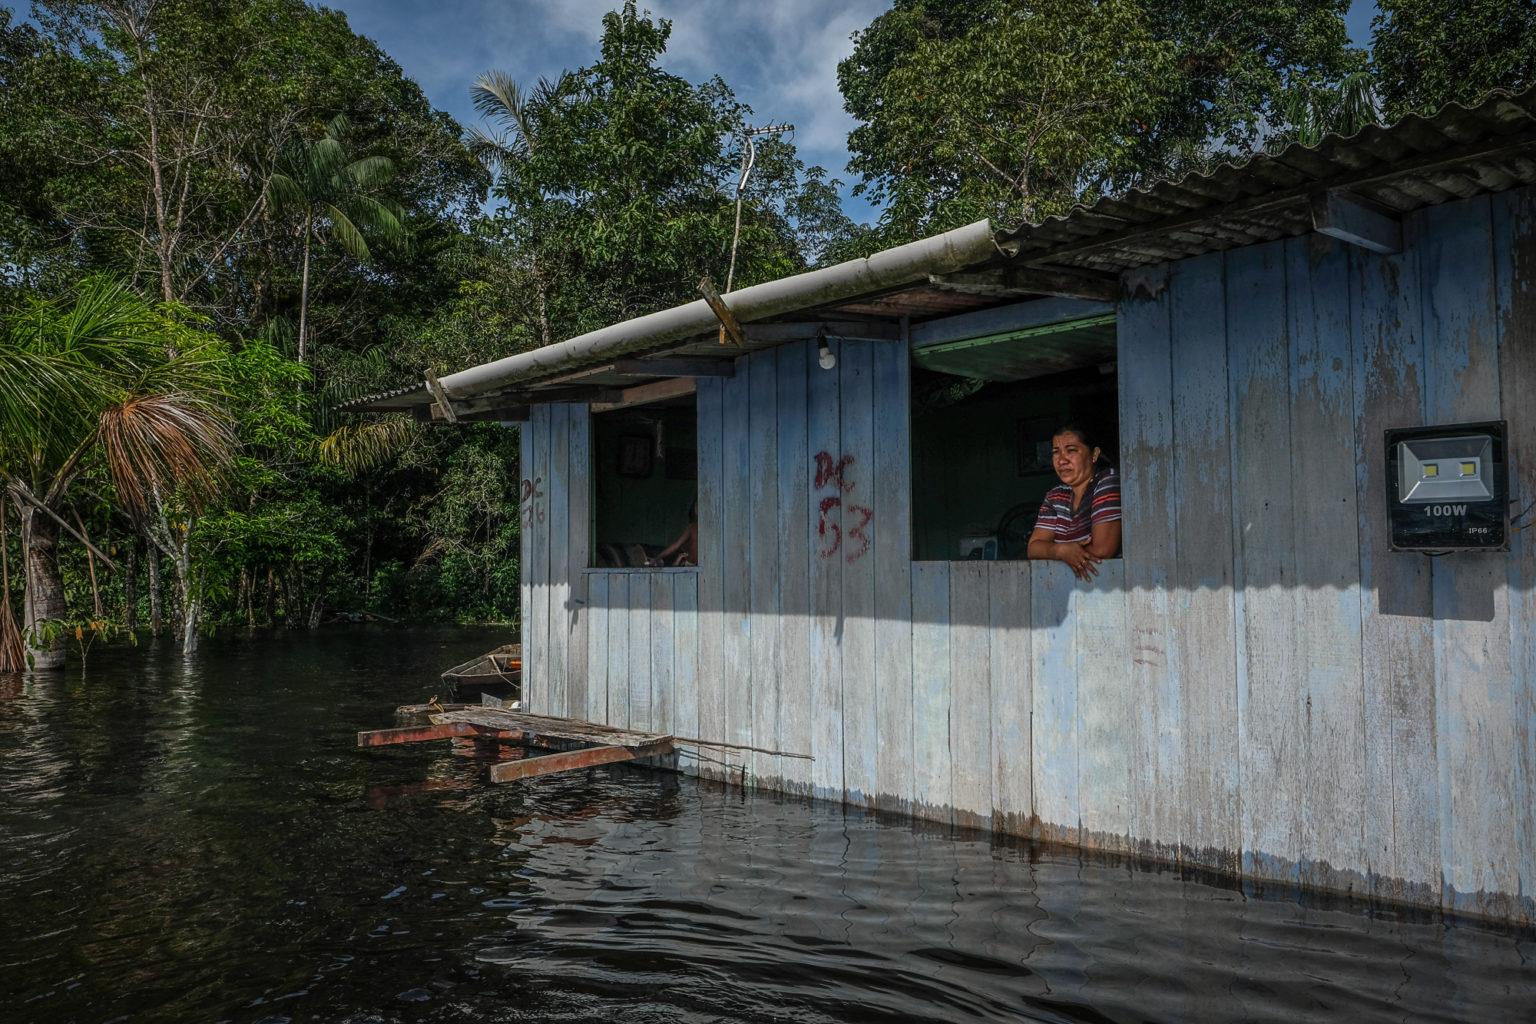 Na comunidade do Mainã, dona Kátia Vasconcelos observa a subida das águas: animais e plantações perdidas na zona rural de Manaus (Foto: Alberto César Araújo/Amazônia Real - 24/05/2021)